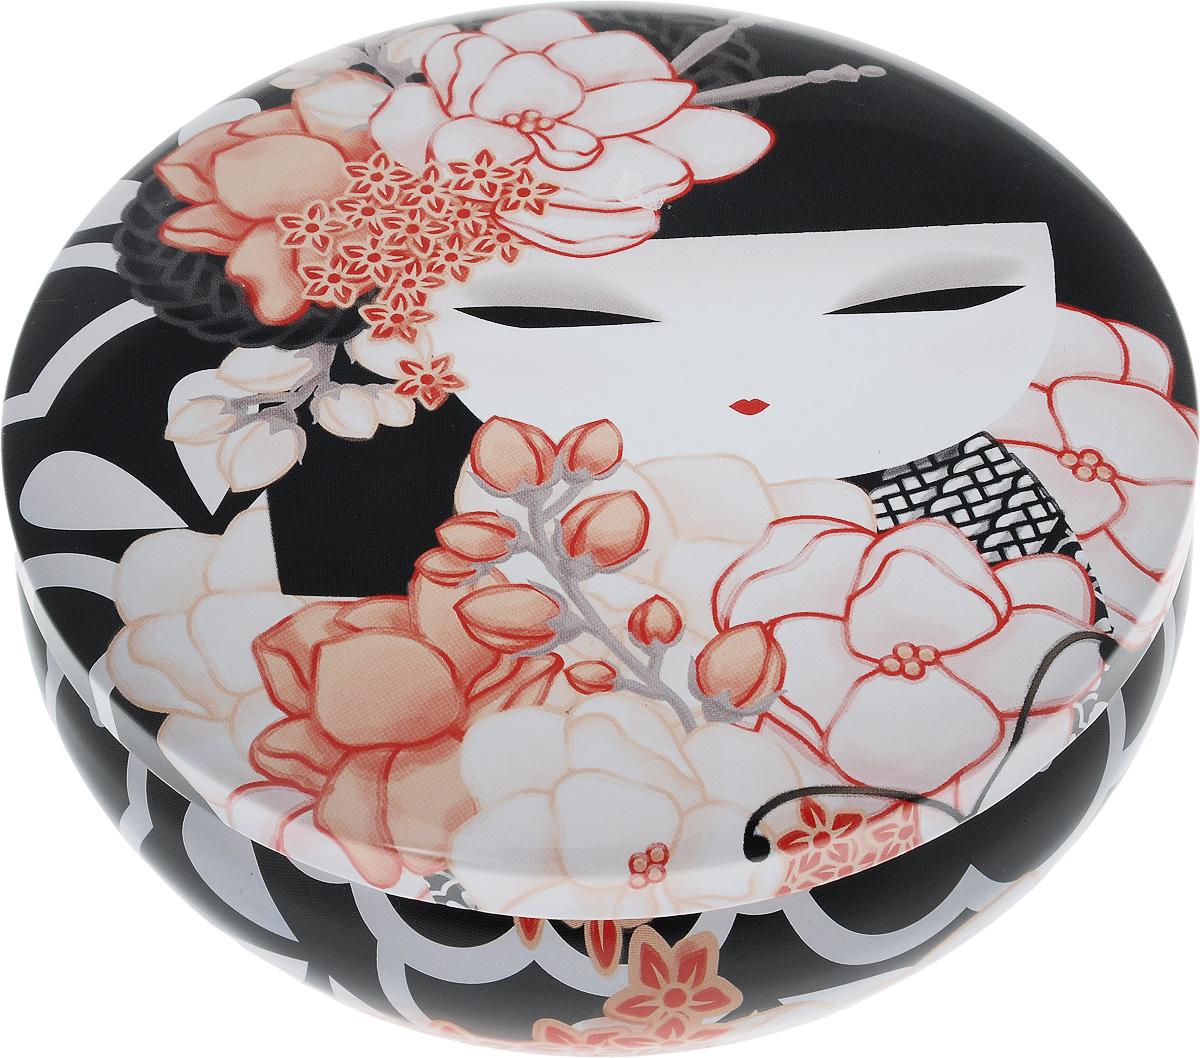 Шкатулка жестяная Kimmidoll КайоKH0977Шкатулка жестяная Kimmidoll Кайо изготовлена из жести и оформлена изображением японской куколки кокеши. Шкатулка содержит вместительное отделение, надежно закрывающееся крышкой.Такая шкатулка не только надежно сохранит вашу бижутерию, но и станет необычным украшением интерьера. Размер: 13,5 x 13,5 x 4,5 см.